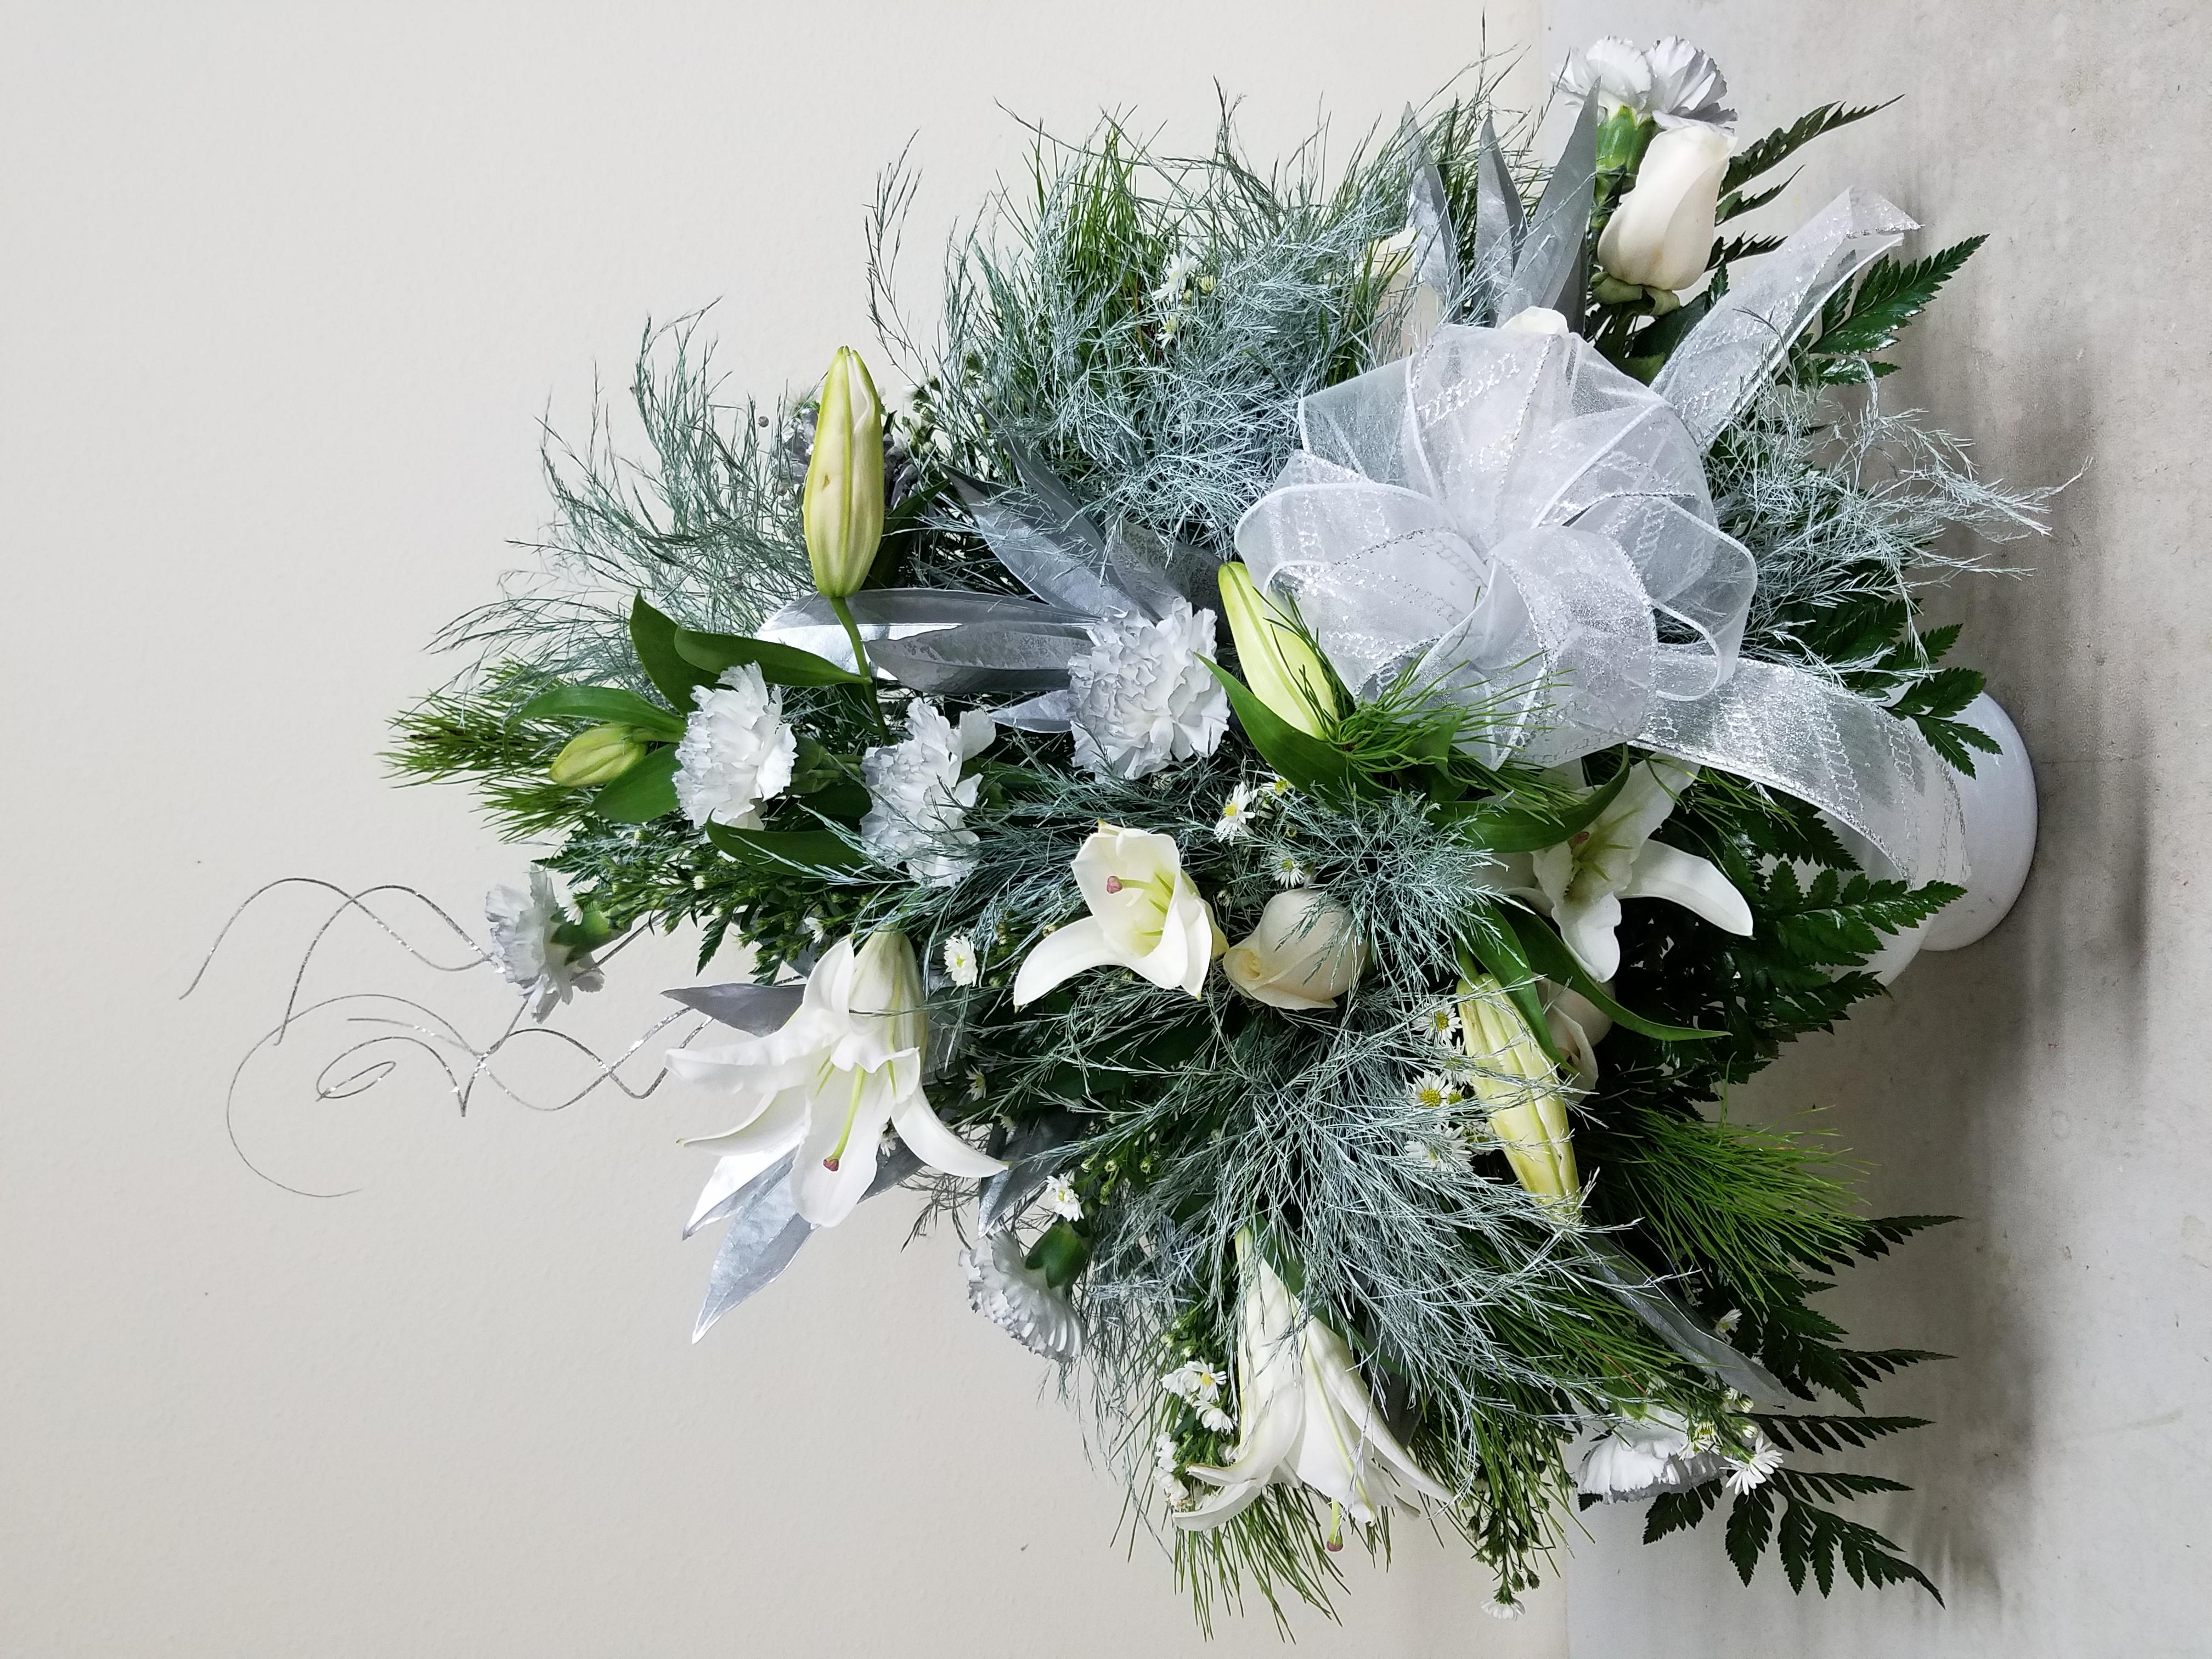 Silver & White Winter Arrangement